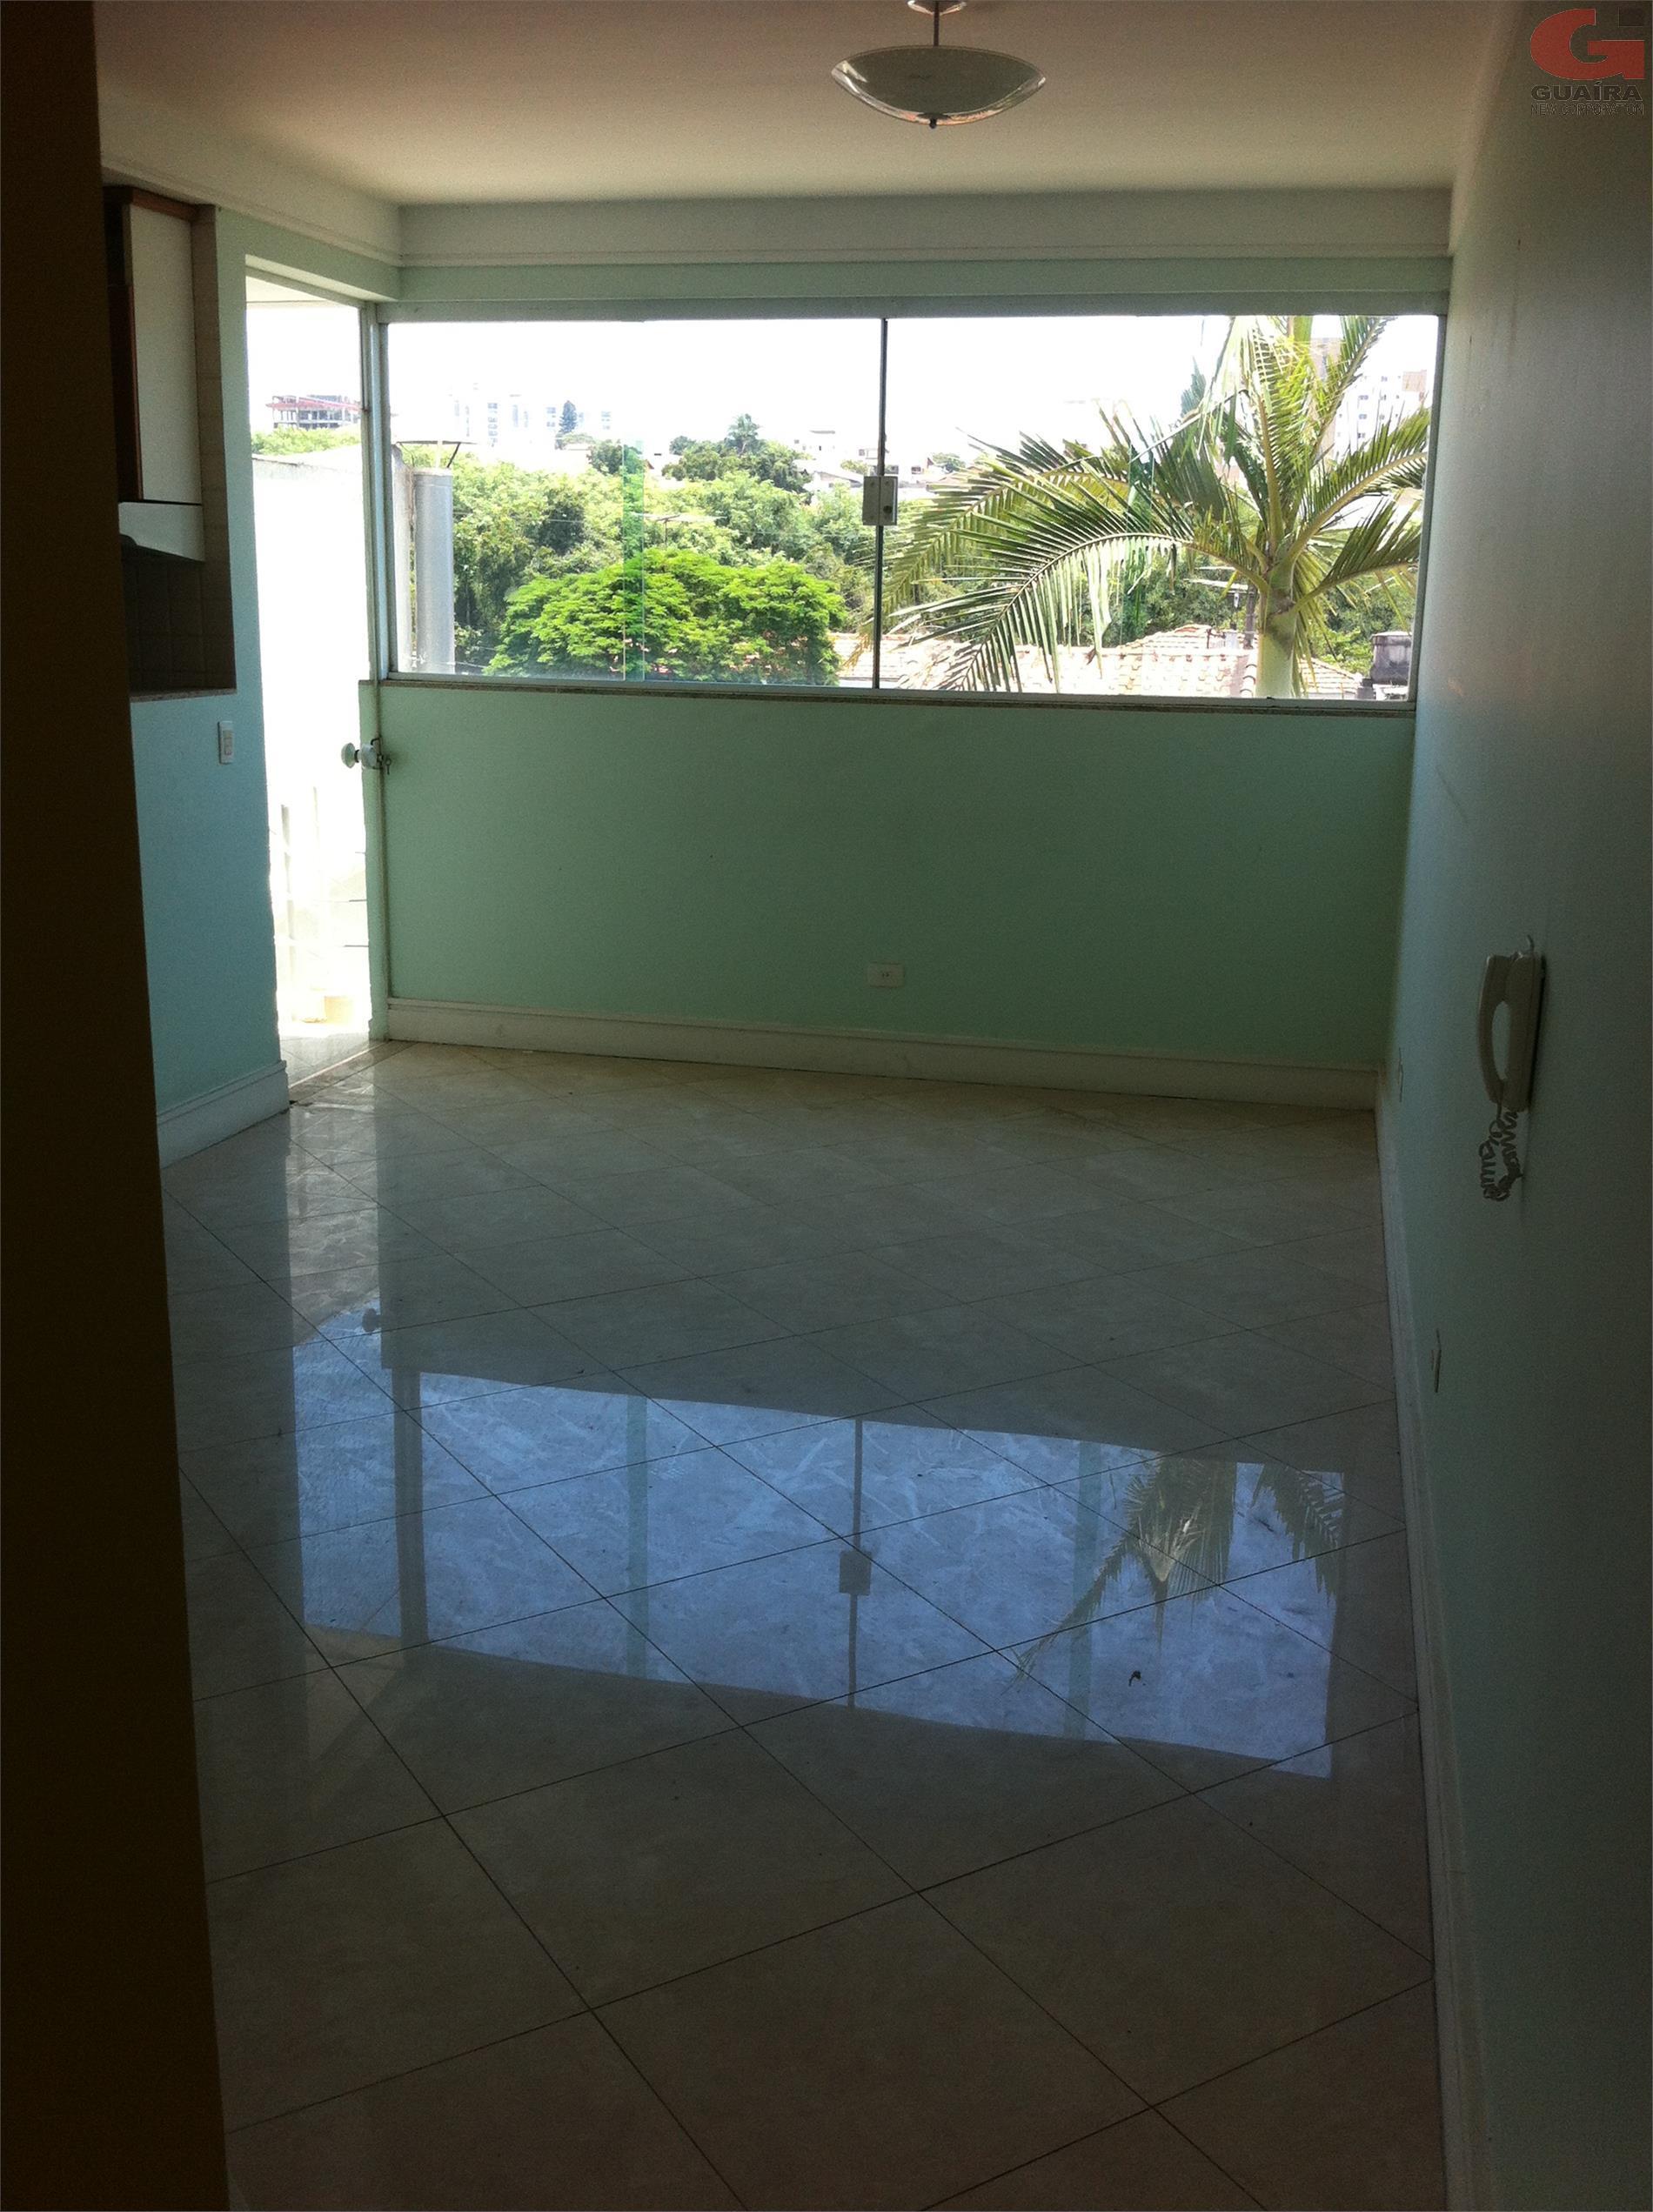 Sobrado de 4 dormitórios em Bairro Jardim, Santo André - SP